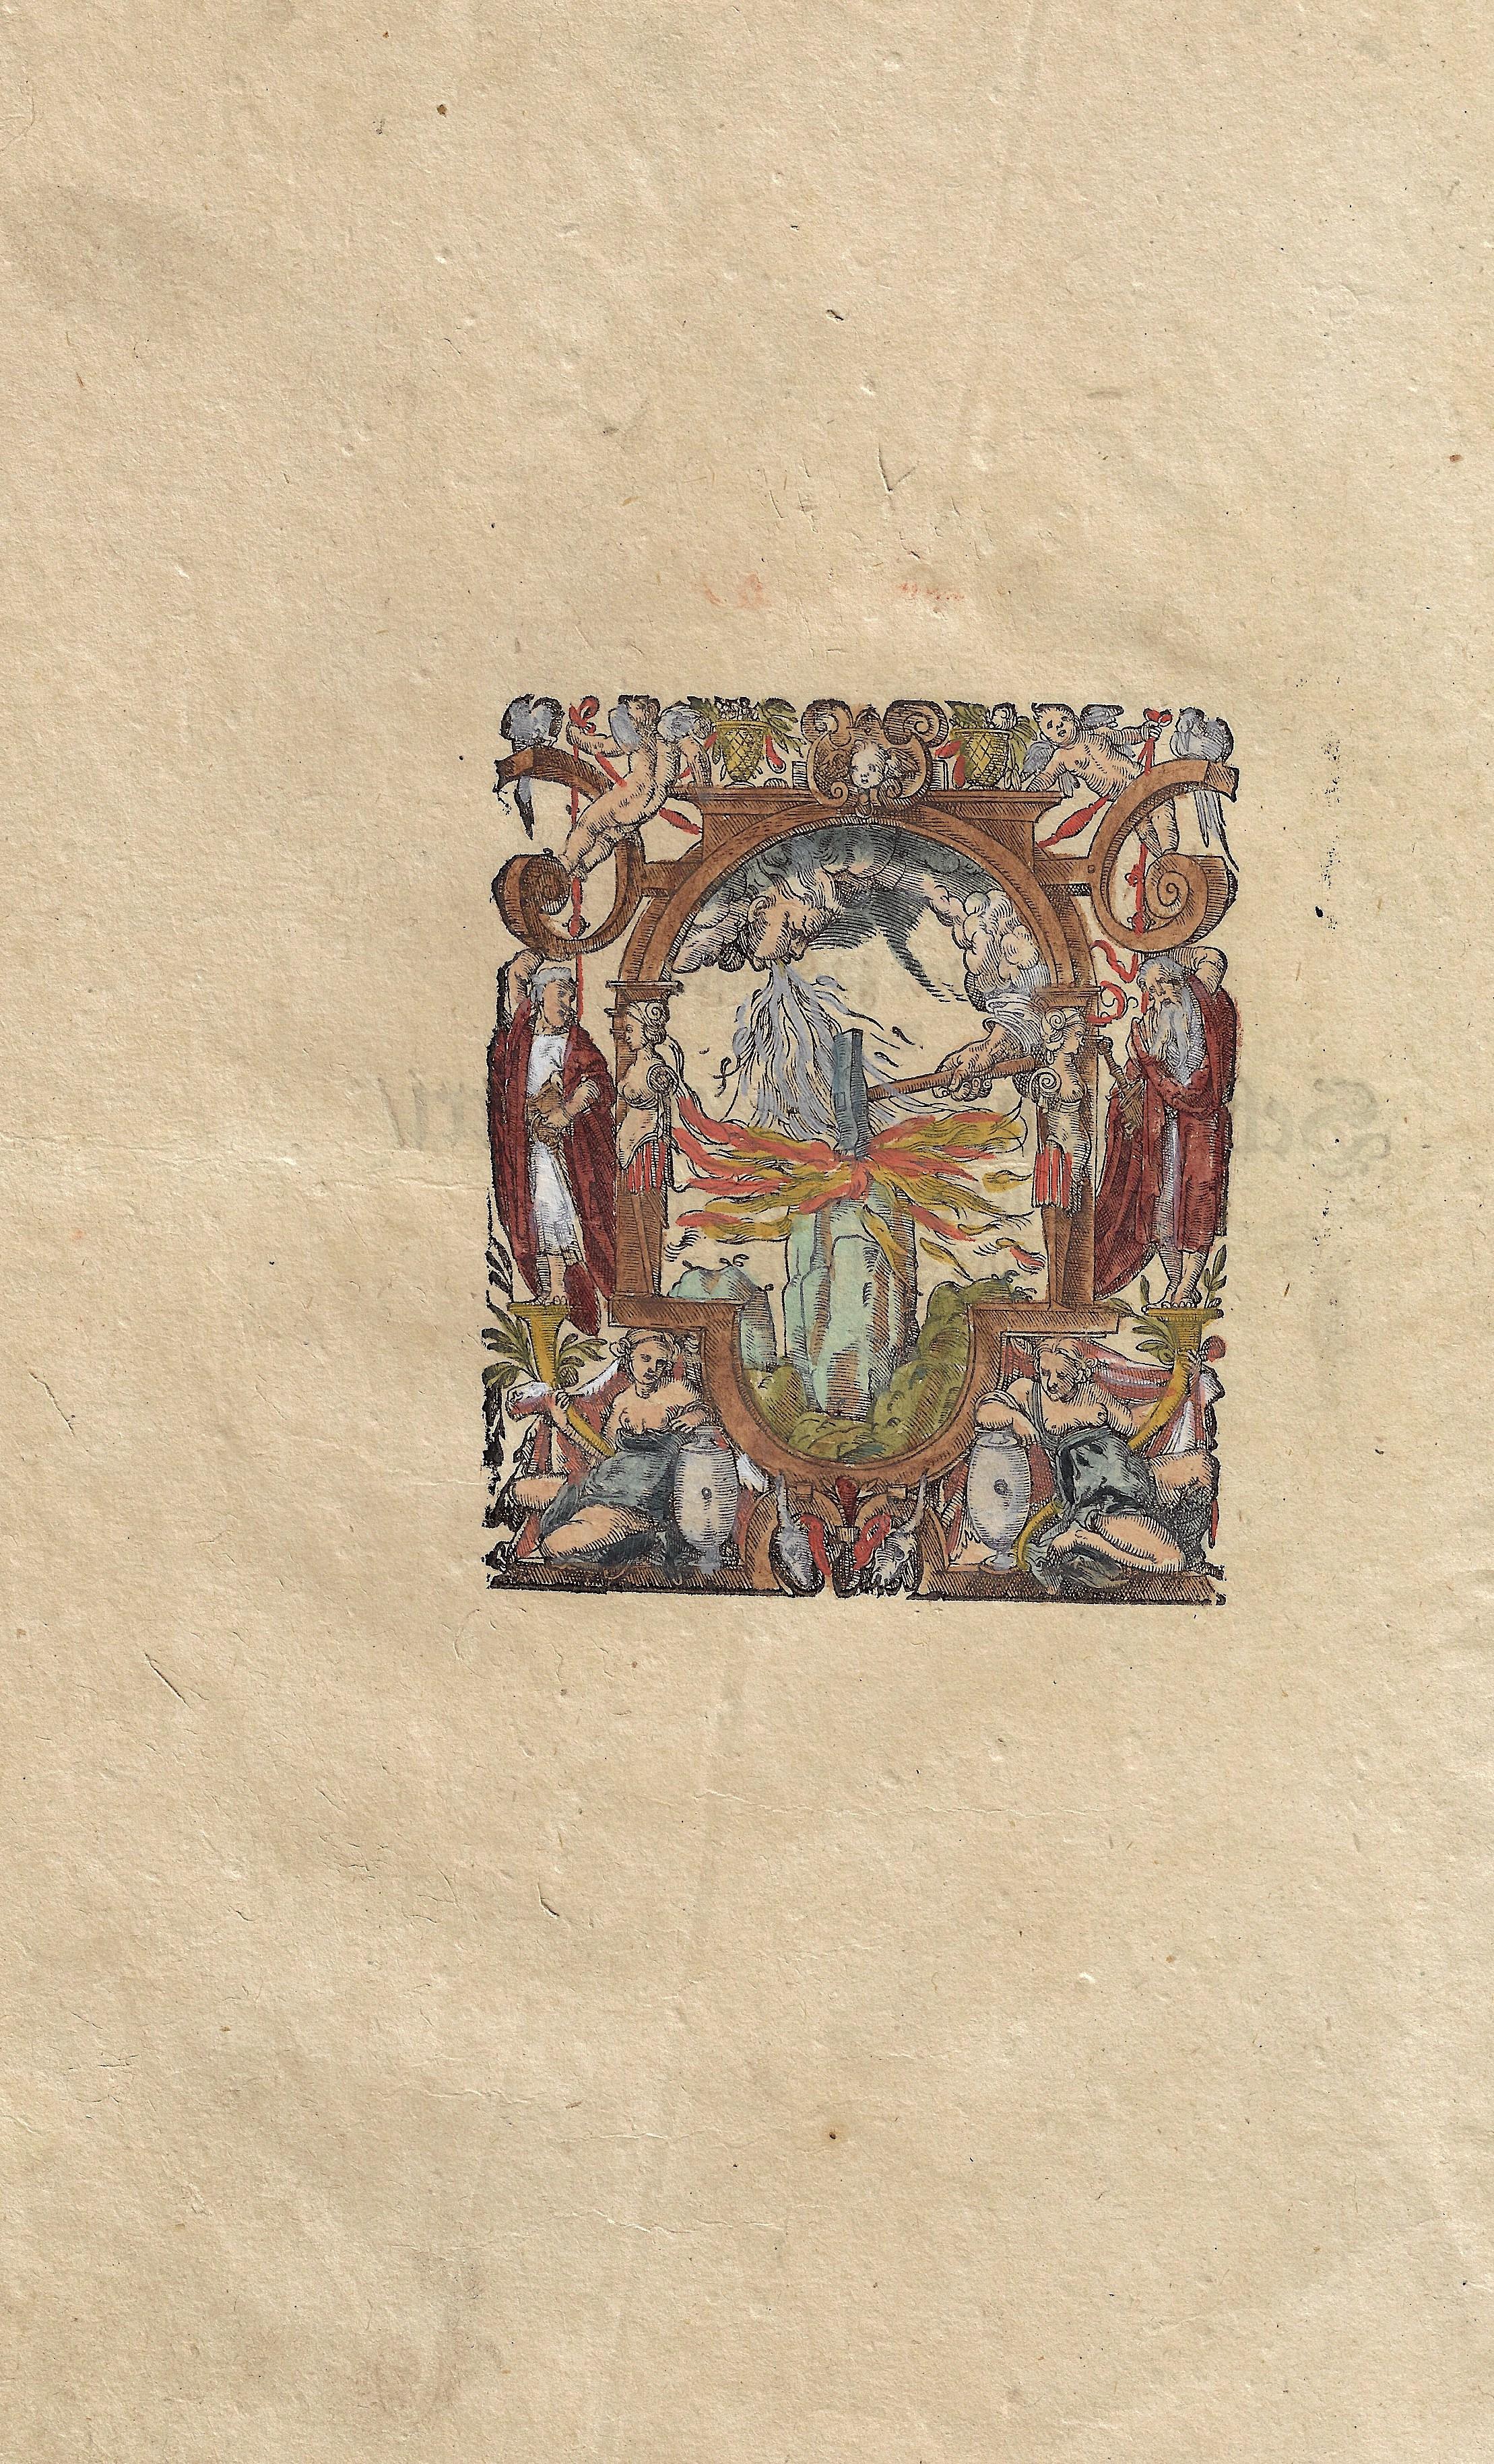 Henricpetri Sebastian no title: on reverse text: gedruckt zu Basel durch Sebastianum Henricpetri im jahr nach der gnadreichen Geburt Jesu Christi M.D.XCIIX.